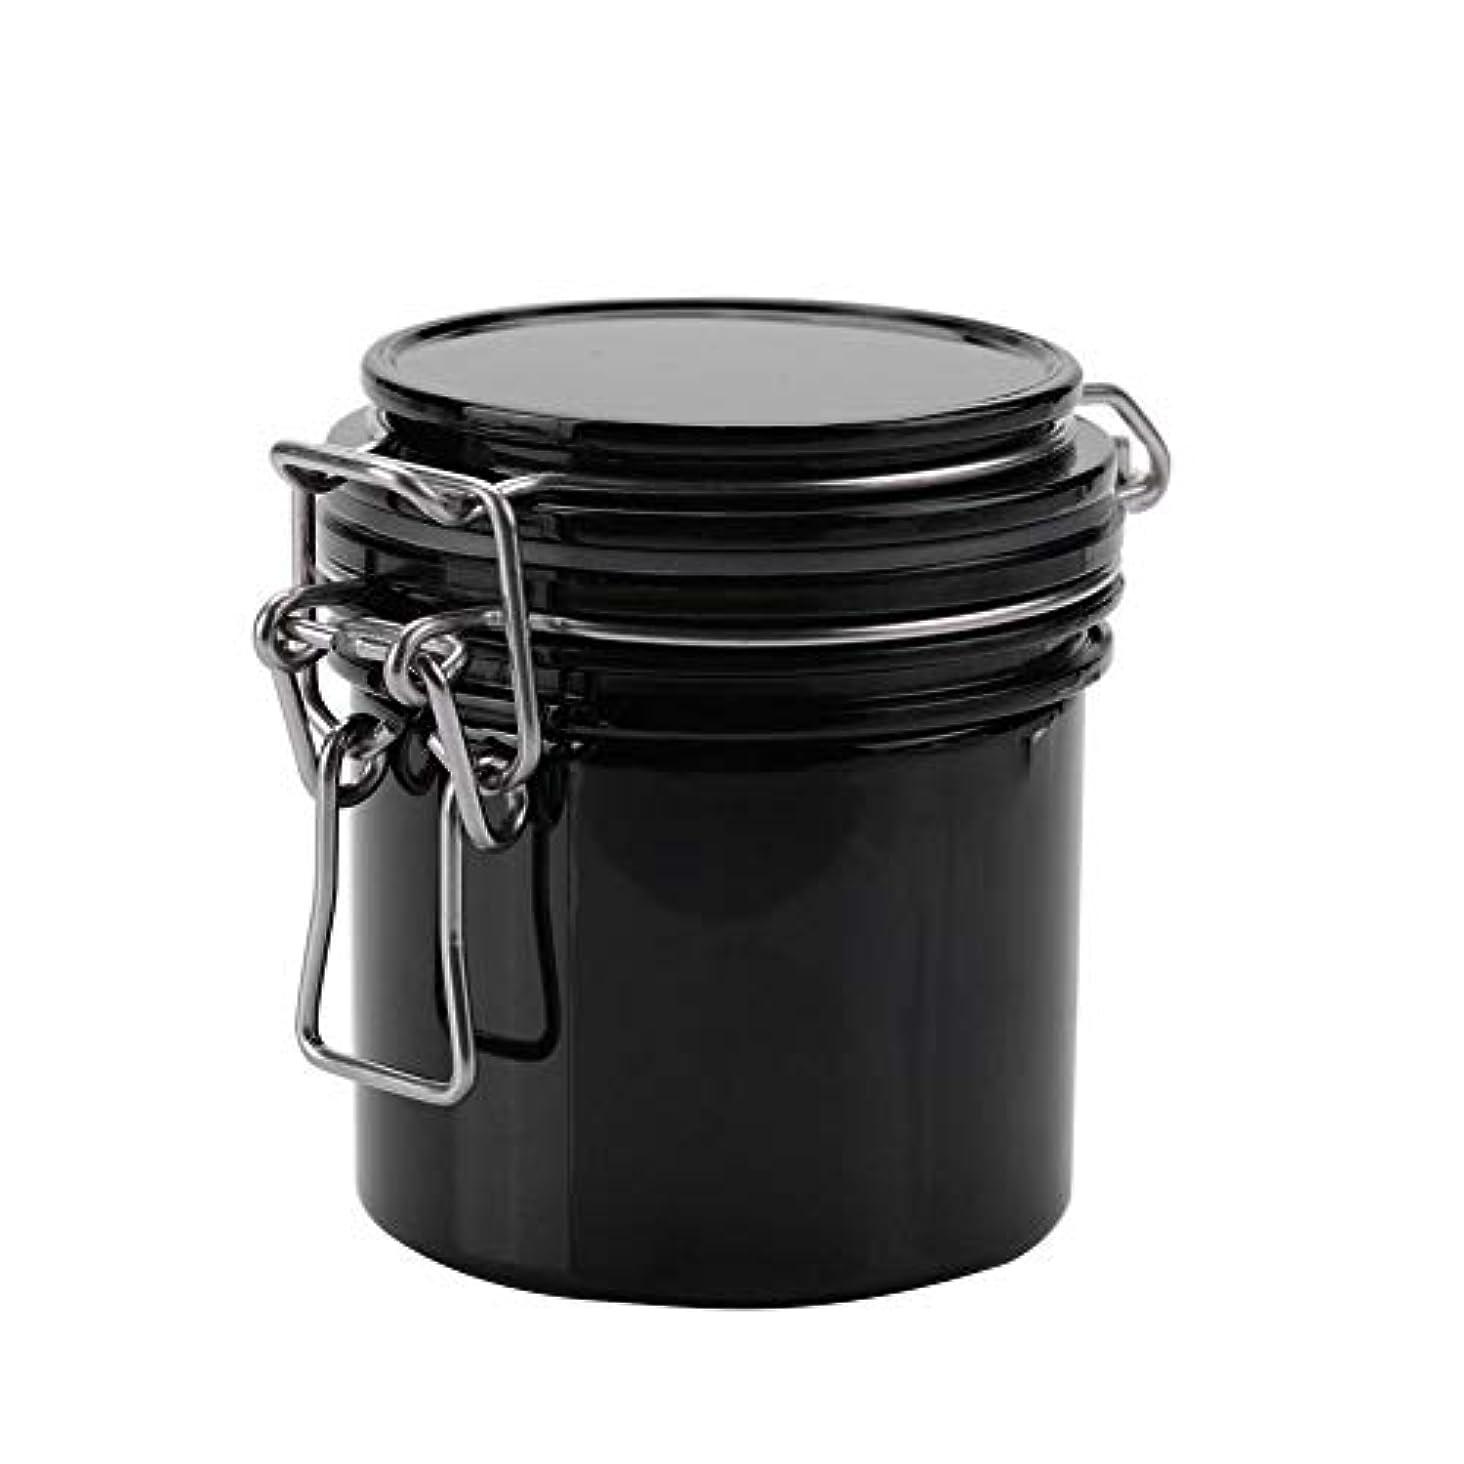 ハブ醸造所カウントまつげのり収納瓶 再利用可能で密封 収納瓶 乾燥を防ぐために、つけまつげエクステンションや化粧に最適